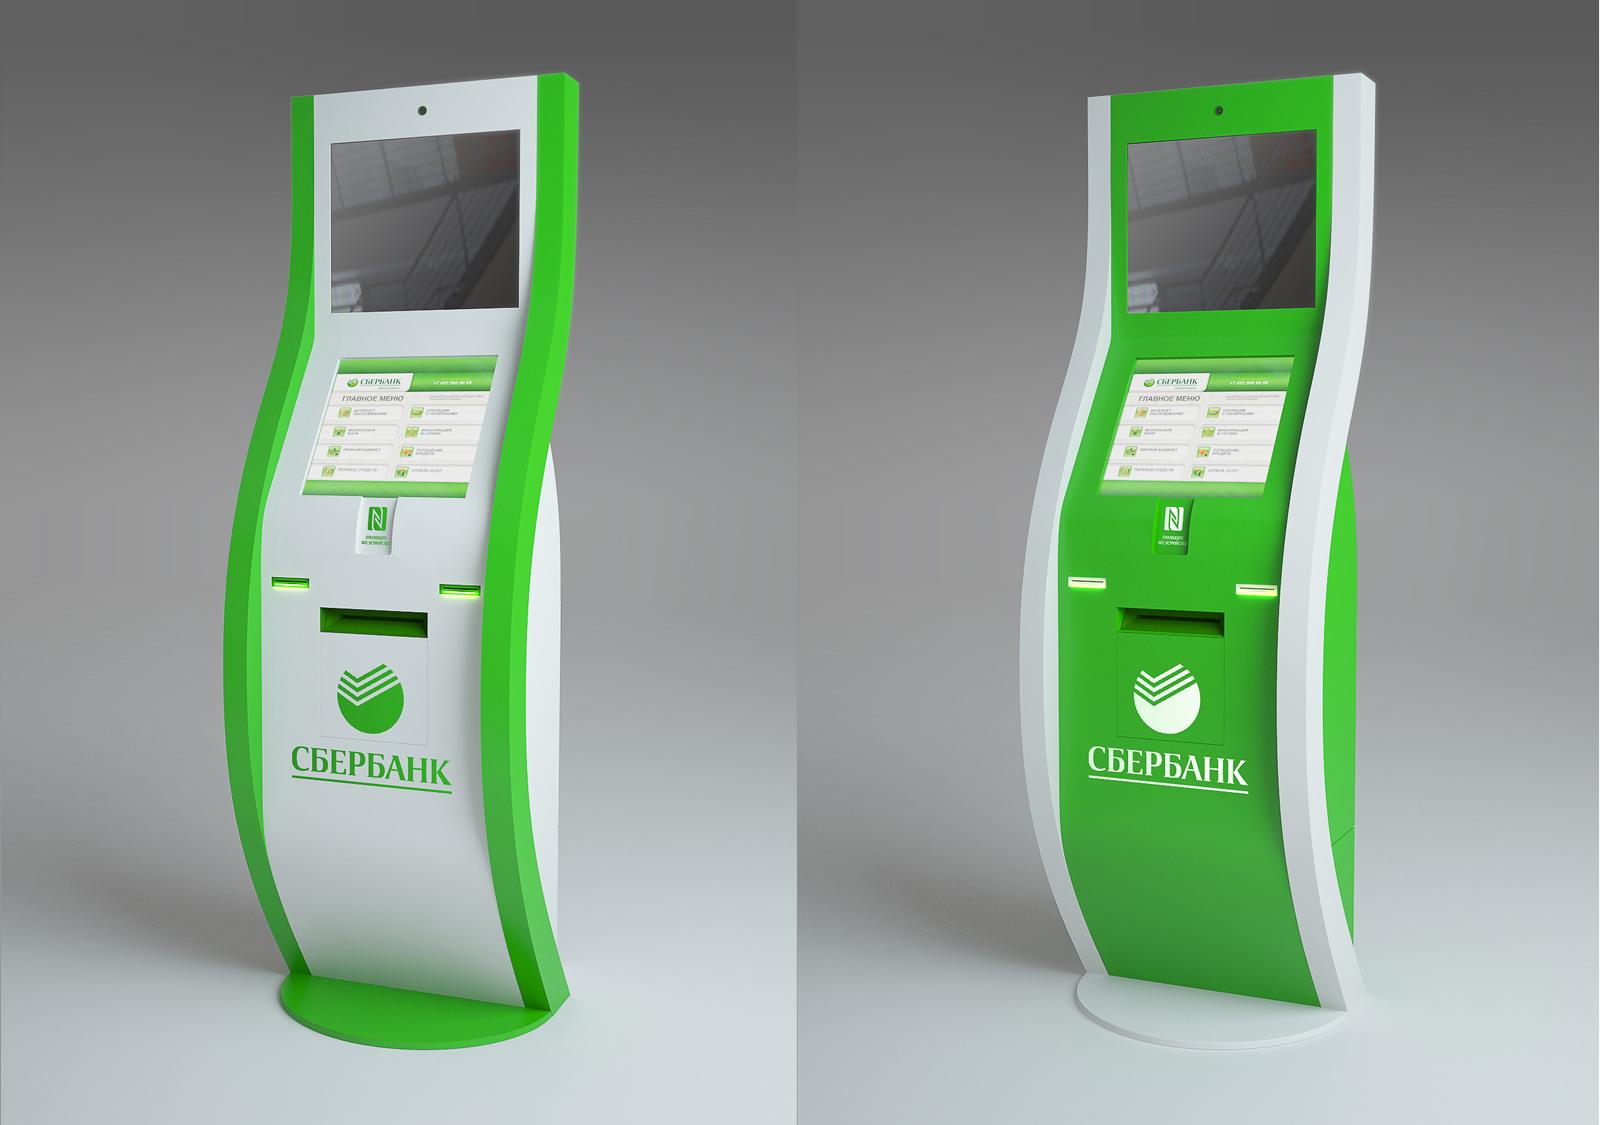 Инструкция подключения мобильного банка сбербанка в терминале самообслуживания